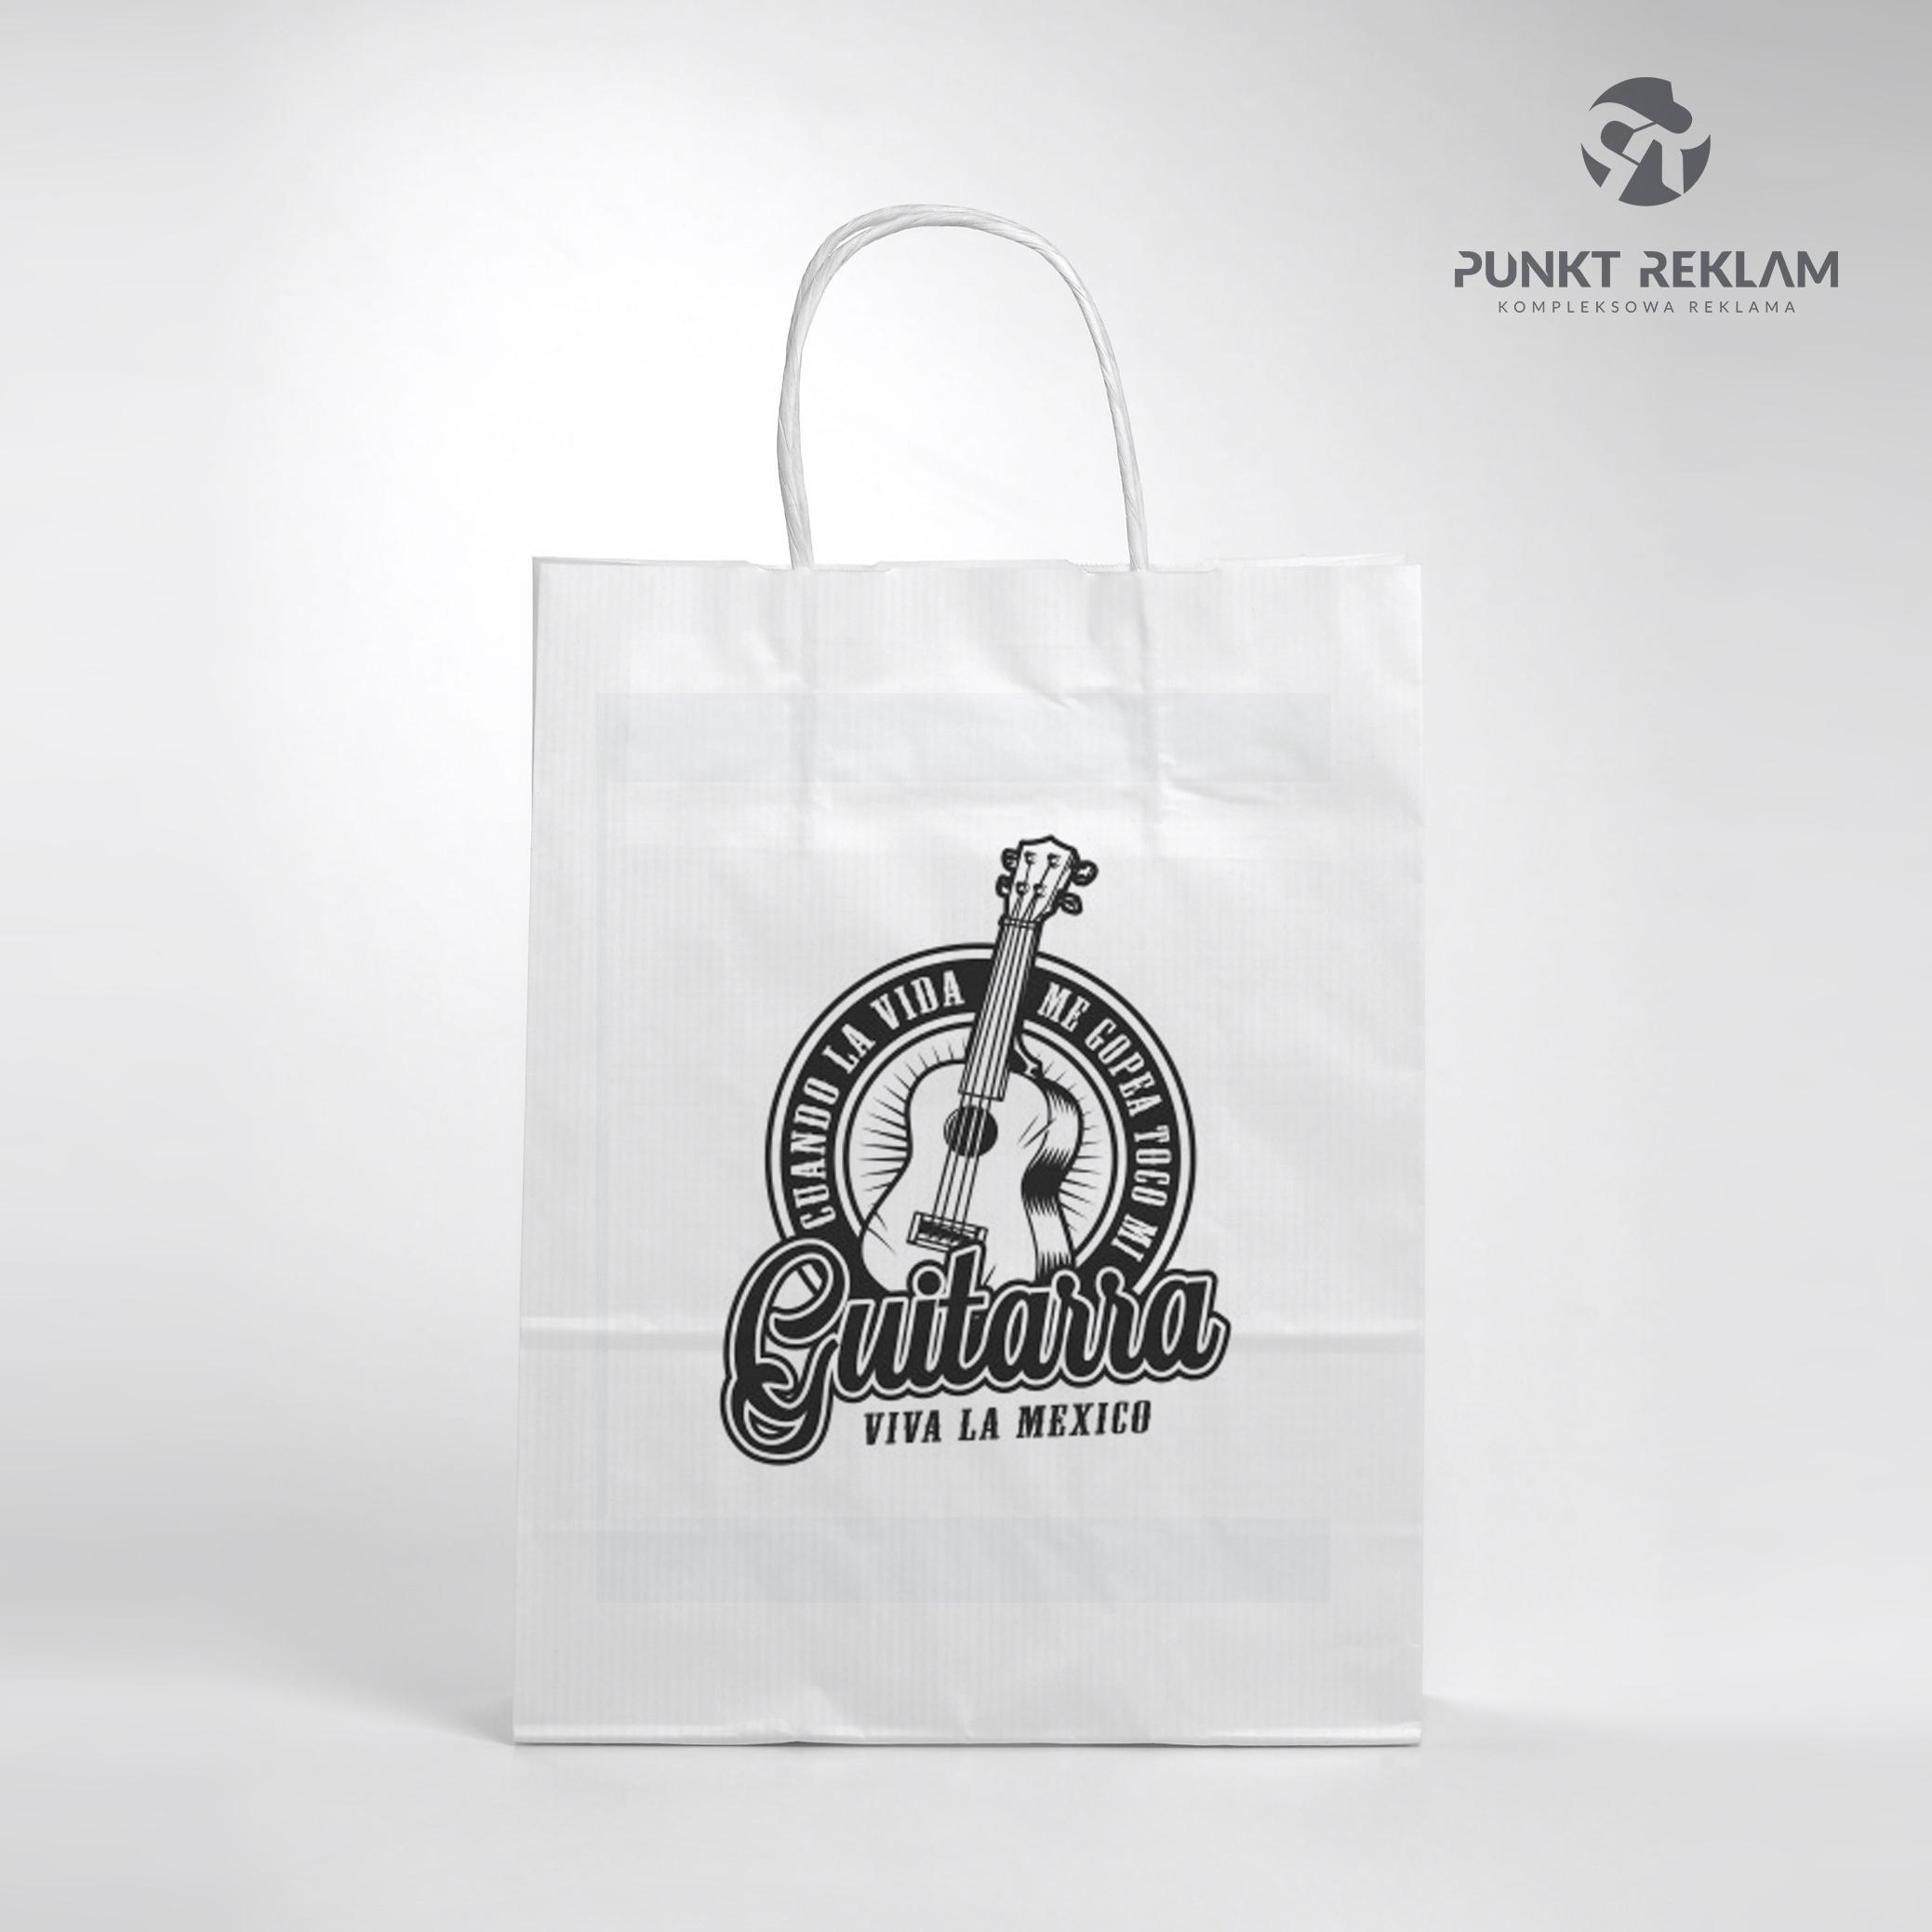 tanie-torby-z-logo